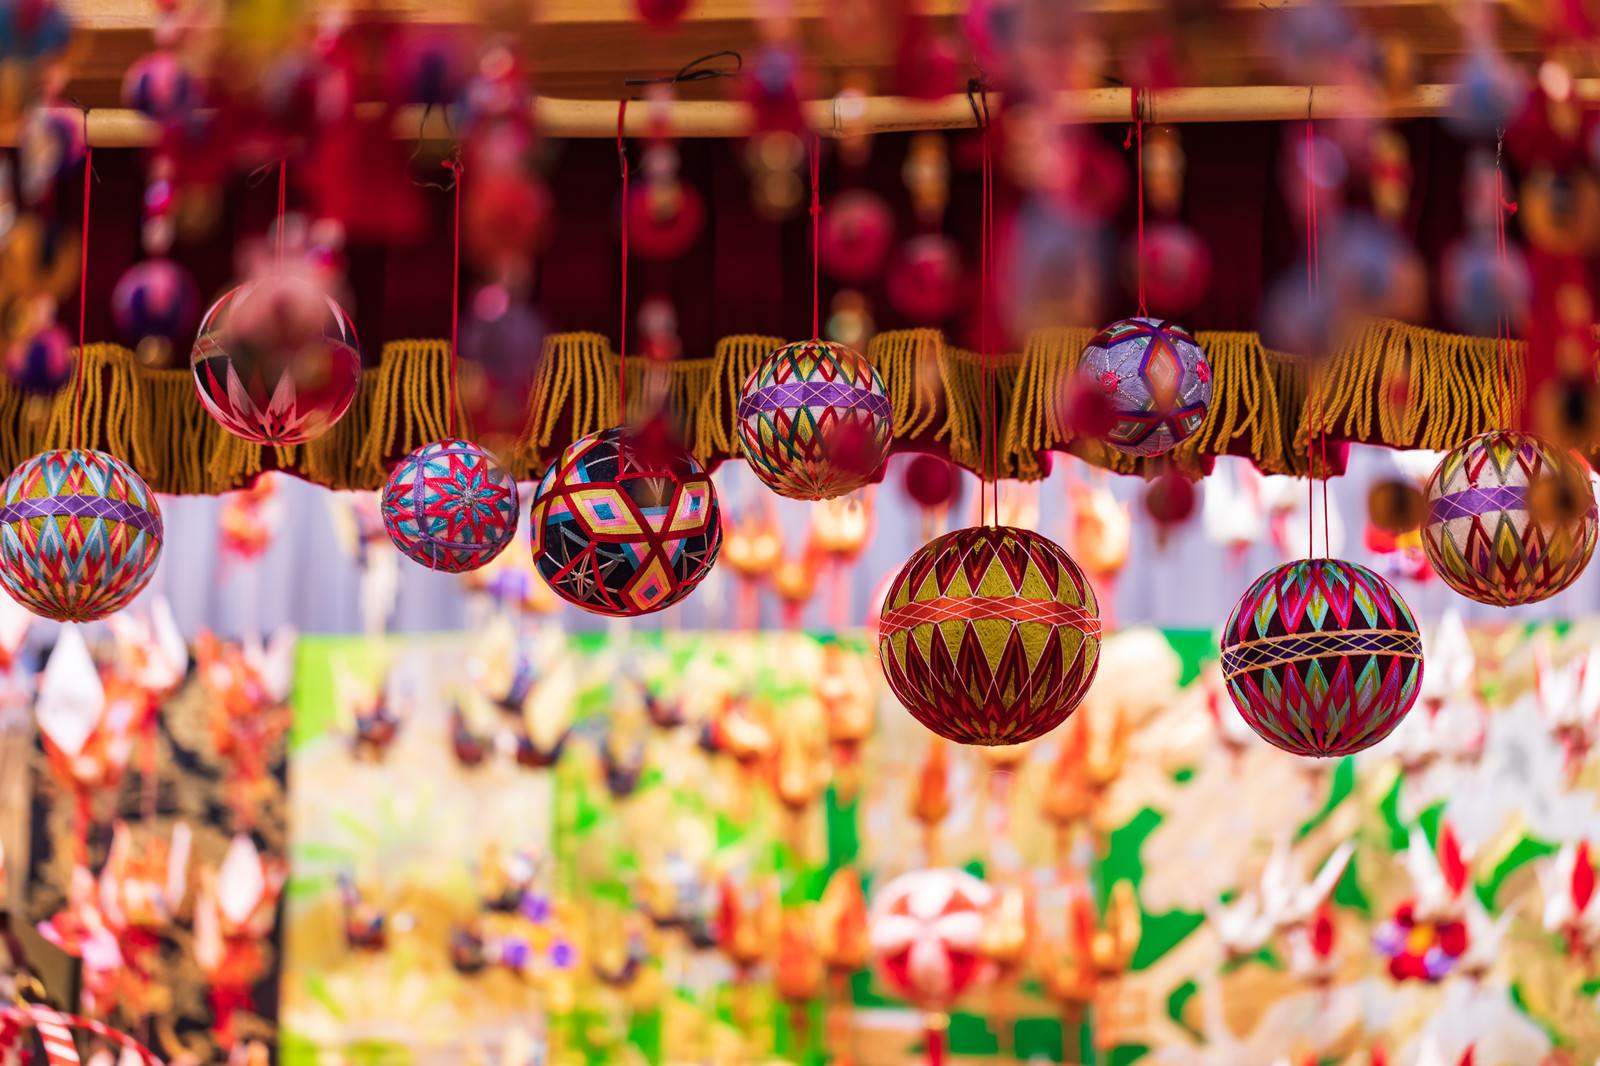 「つるし飾りの大玉」の写真